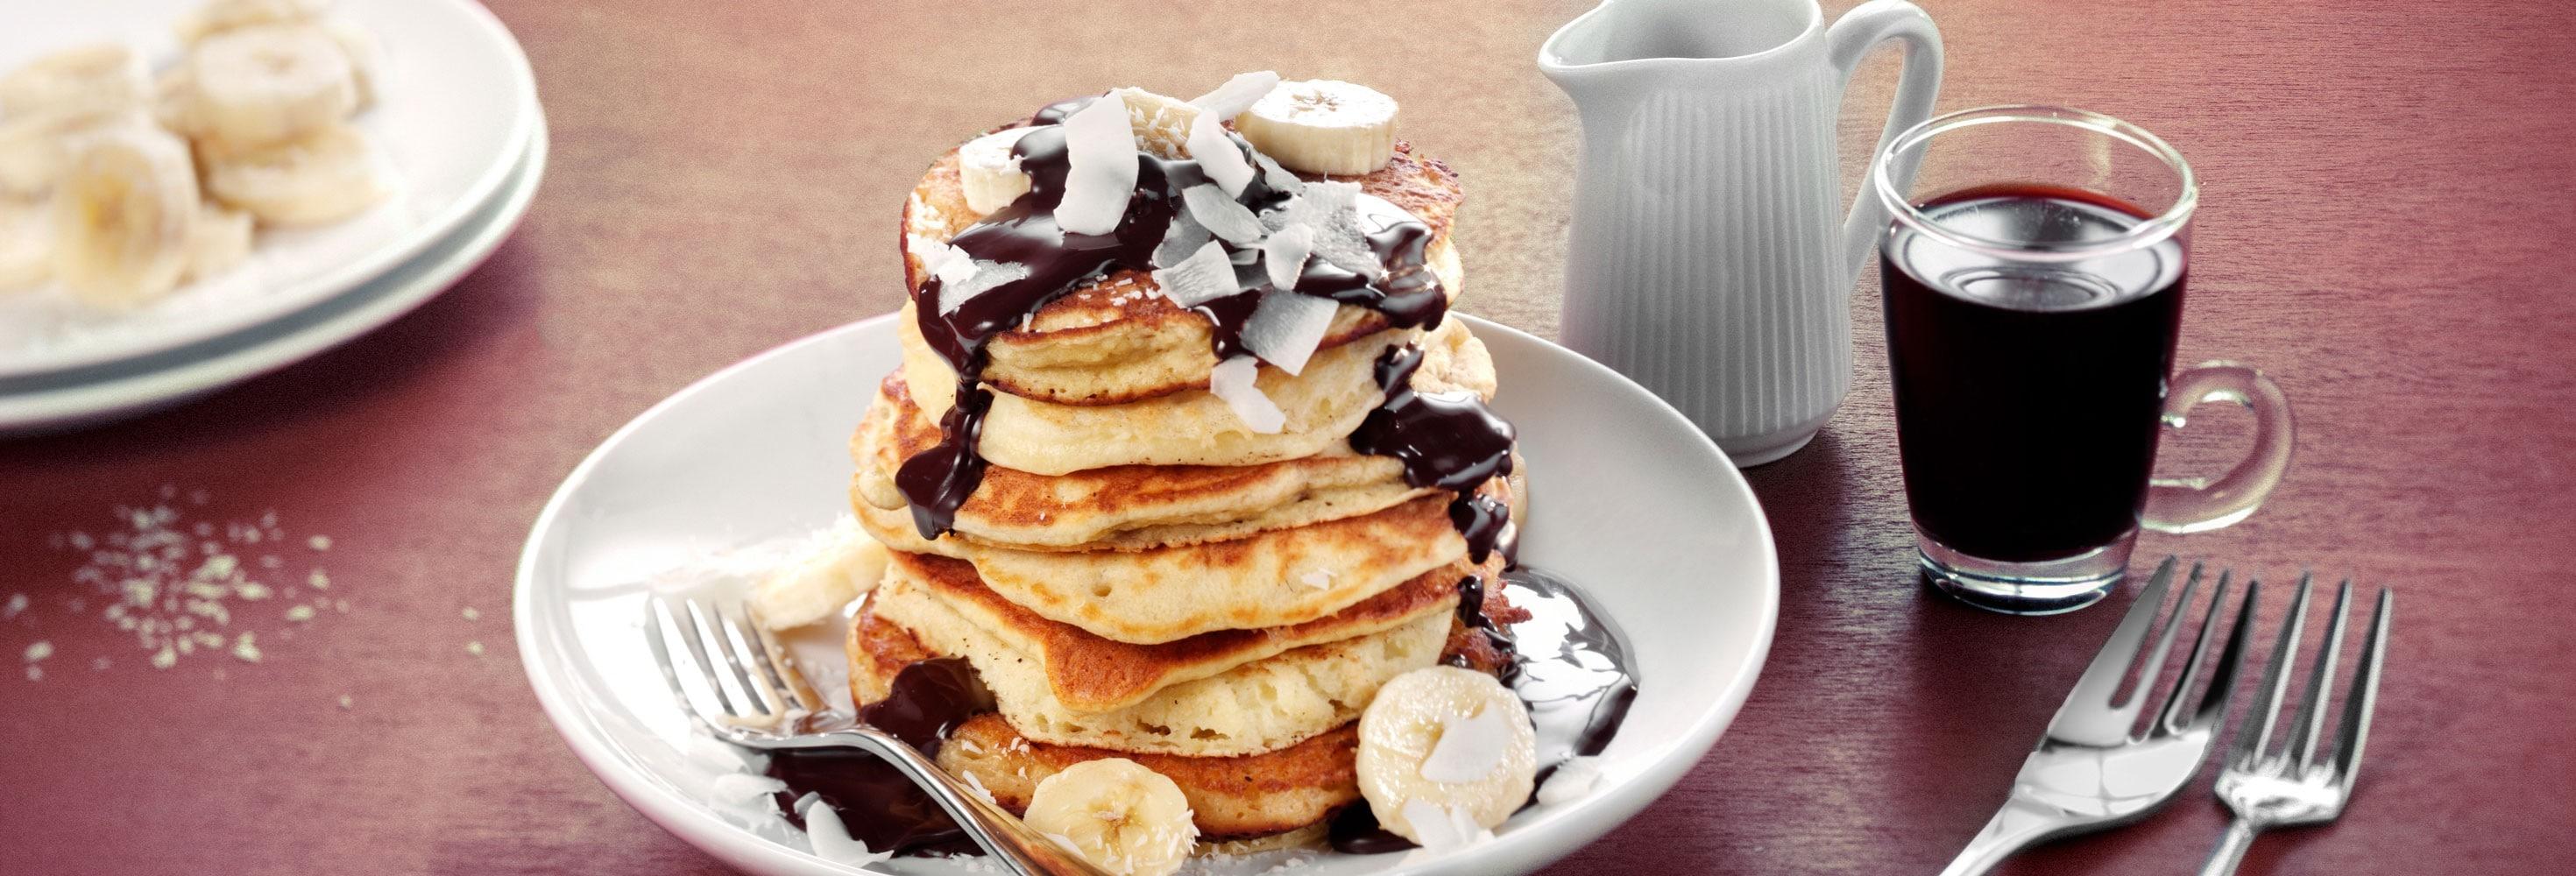 Pancakes à la banane, au chocolat et à la noix de coco